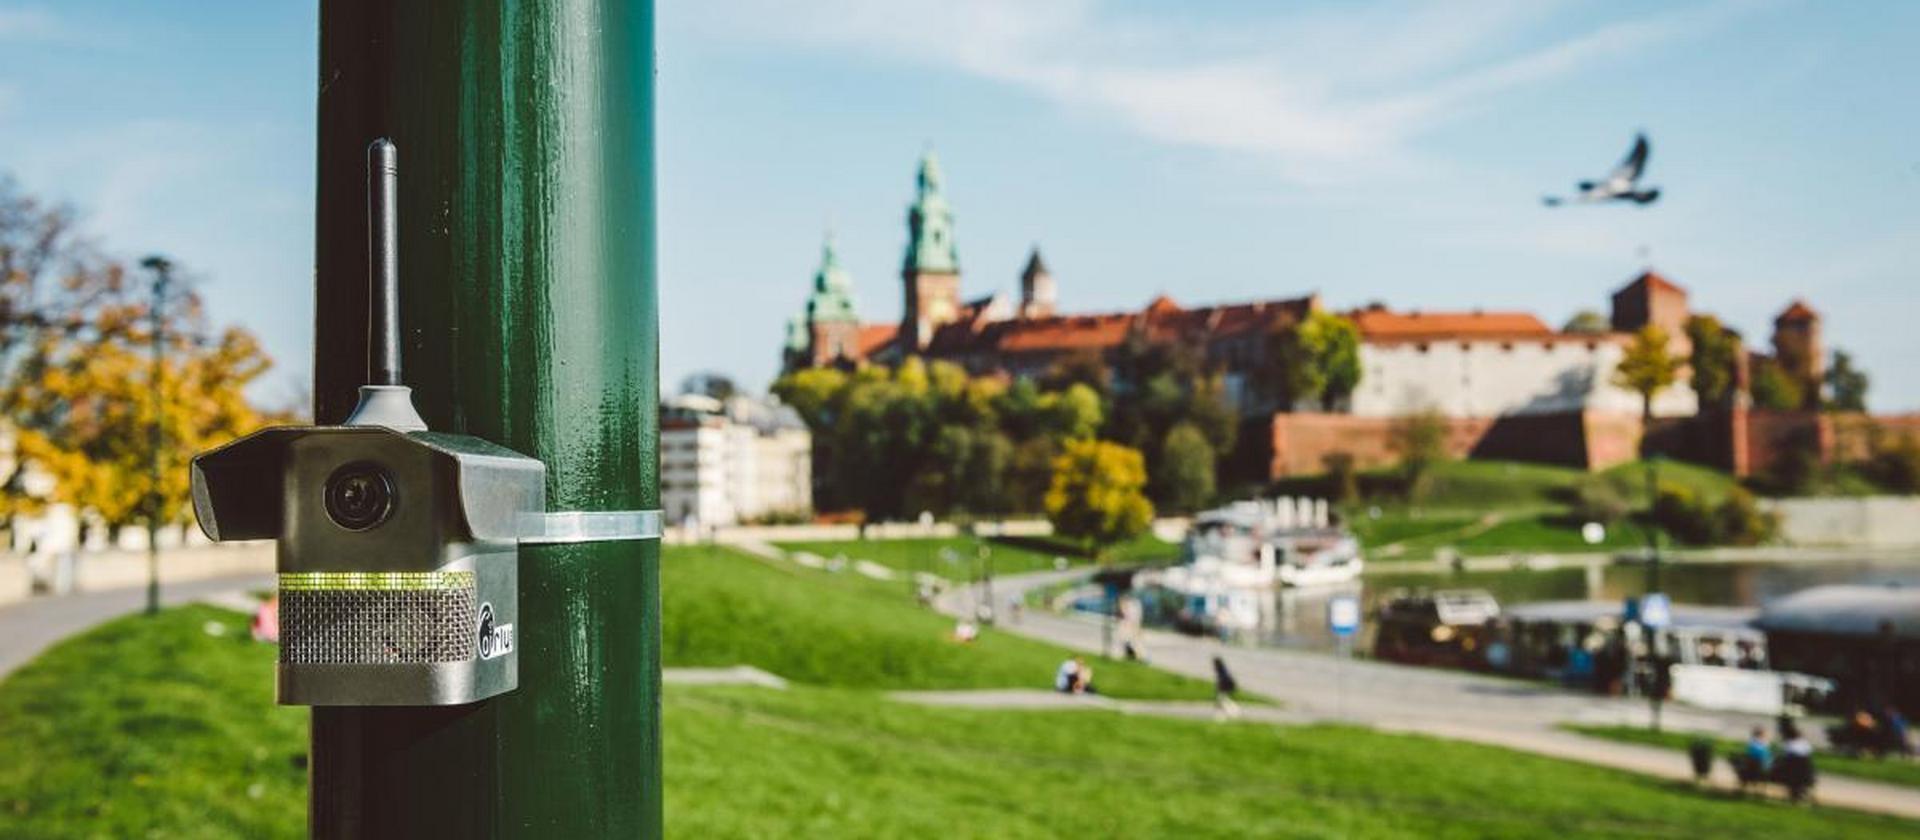 Polski startup w centrum walki ze smogiem. Ich produkty kupują klienci z całego świata